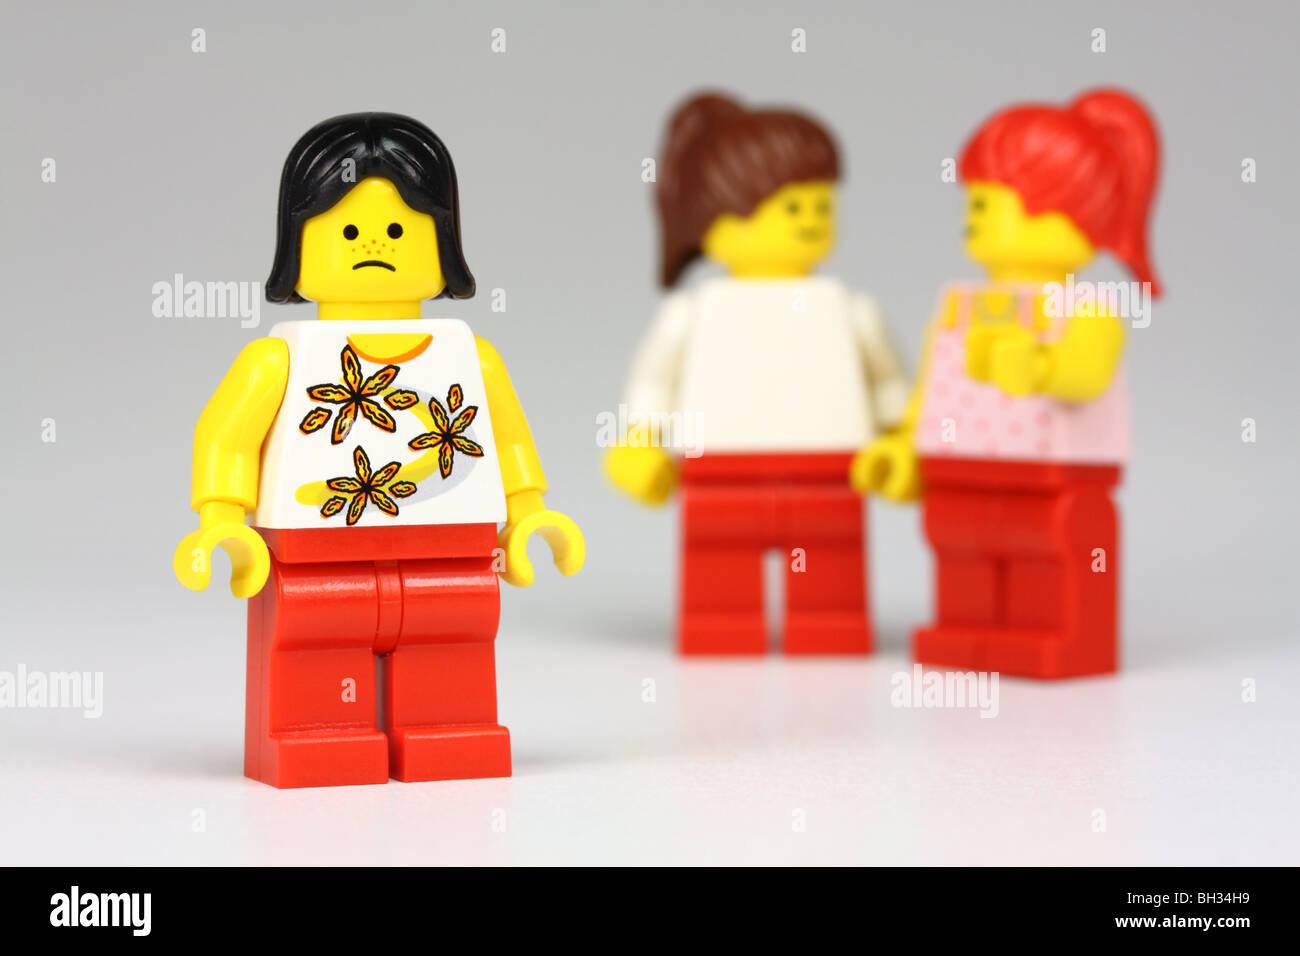 Infelice ragazza di lego, con altre 2 ragazze lego parlando della sua dietro la schiena : isolamento/bullismo concept Immagini Stock